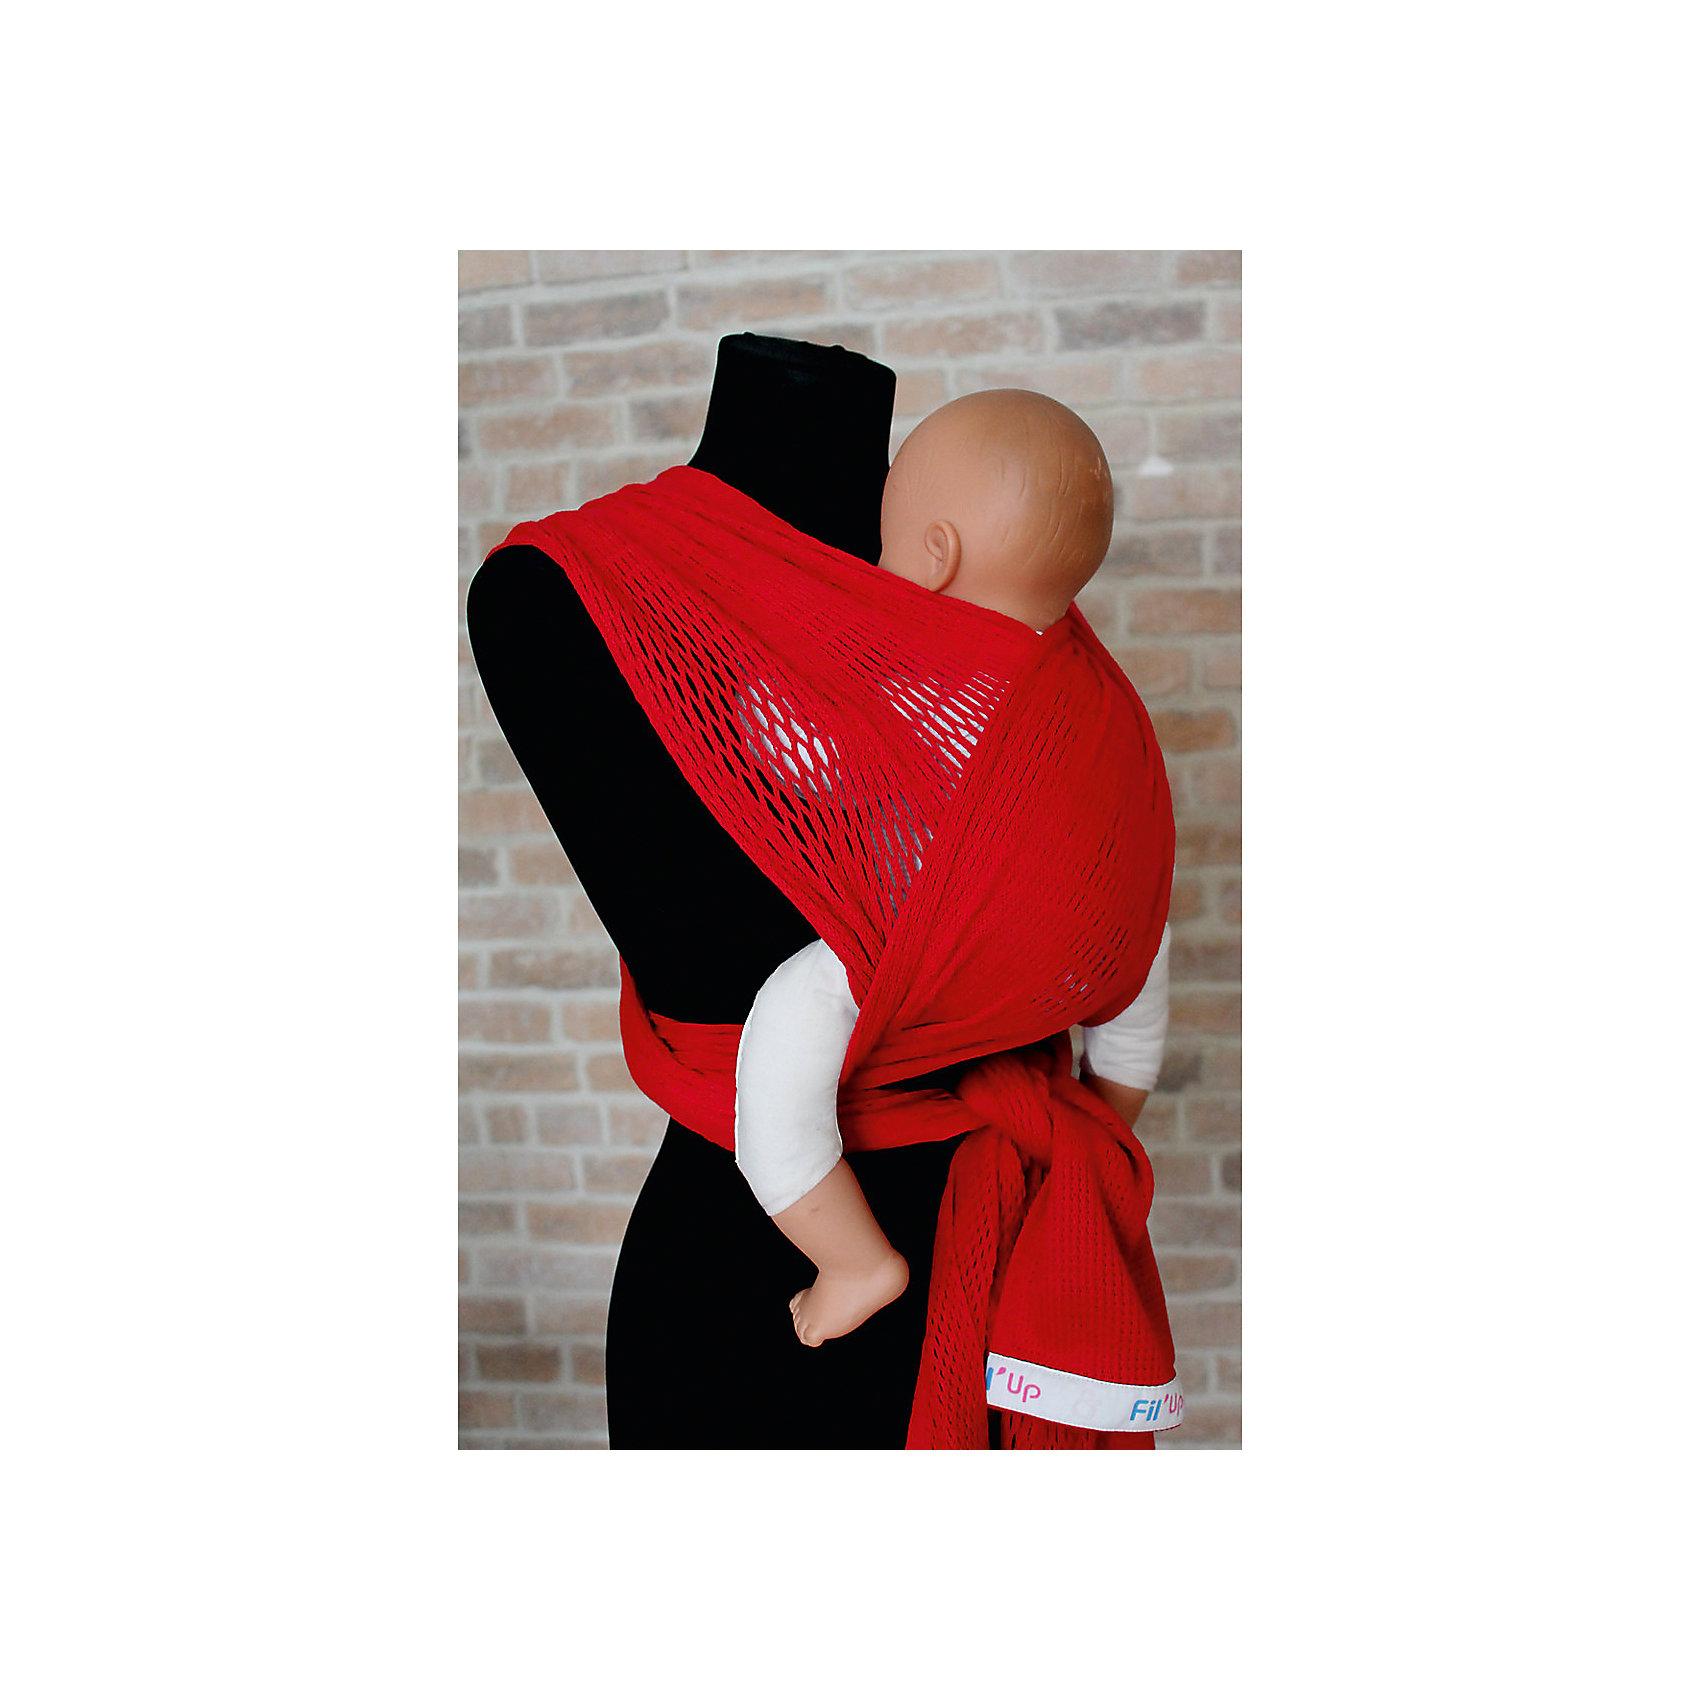 Слинг-шарф из хлопка плетеный размер l-xl, Филап, Filt, красныйСлинги и рюкзаки-переноски<br>Характеристики:<br><br>• разработан совместно с врачами-ортопедами;<br>• обеспечивает оптимальную поддержку ребенка;<br>• легко наматывается;<br>• два способа намотки: «простой крест» и «двойной крест»;<br>• равномерно распределяет нагрузку на спину;<br>• основное положение: лицом к маме;<br>• подходит для автоматической стирки при температуре 30 градусов;<br>• сумочка в комплекте;<br>• цвет: красный;<br>• материал: хлопок;<br>• возраст ребенка: 3 месяца-2 года (до 15 кг);<br>• размер слинга: 4,8х0,5 м;<br>• размер упаковки: 24х26х7 см;<br>• вес: 430 грамм;<br>• страна бренда: Франция.<br><br>Слинг-шарф FilUp - прекрасный вариант для любого сезона. Главная особенность модели - сетчатое плетение из натурального хлопка. Такой вид полотна не позволит ребенку перегреться за счет отсутствия дополнительного слоя ткани, свойственного для обычных слингов.<br><br>Возможны три положения ребенка в слинге: лицом к маме, на боку и за спиной. Полотно слинг-шарфа легко растягивается и обладает необходимой упругостью для правильной посадки ребенка.<br><br>Концы слинга сделаны более узкими, чтобы вы могли убрать лишнюю ткань. Средняя, более широкая часть поддерживает ножки ребенка в позе «лягушки», что немаловажно для правильного развития тазобедренных суставов. <br><br>Слинг-шарф подходит для ручной и автоматической стирки при температуре 30 градусов. Длина полотна - 4,8 метра. Ширина полотна - 0,5 метра. Подходит для детей от 3-4-х месяцев до 1,5-2-х лет (весом до 15 килограммов). В комплект входит сумочка-авоська, которая подойдет для бутылочек, салфеток и прочих необходимых предметов.<br><br>Слинг-шарф из хлопка плетеный размер l-xl, Филап, Filt (Филт), красный можно купить в нашем интернет-магазине.<br><br>Ширина мм: 800<br>Глубина мм: 800<br>Высота мм: 50<br>Вес г: 500<br>Возраст от месяцев: 0<br>Возраст до месяцев: 12<br>Пол: Унисекс<br>Возраст: Детский<br>SKU: 5445089